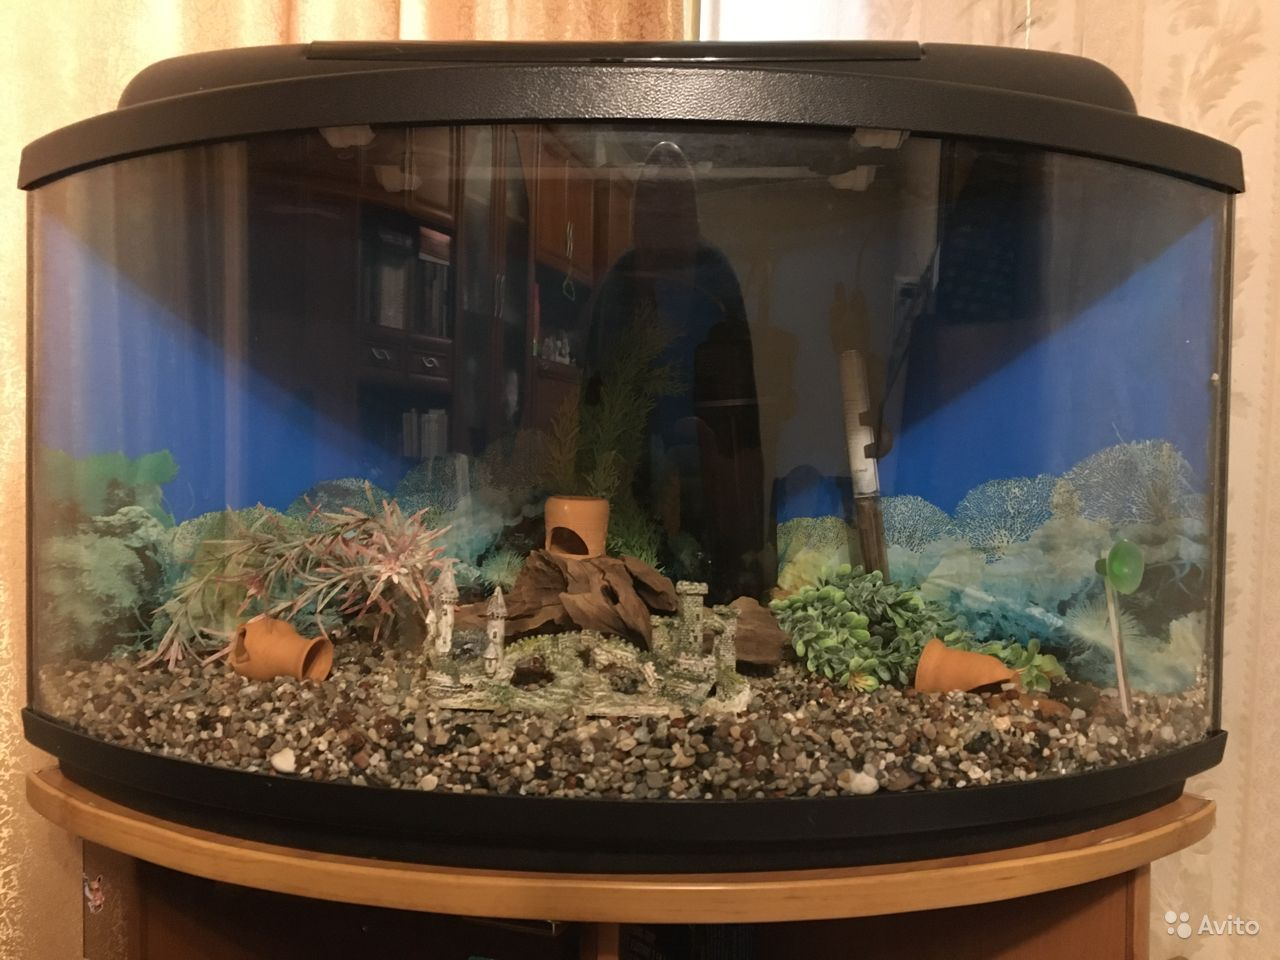 Аквариум угловой панорамный на 75 литров купить на Зозу.ру - фотография № 1